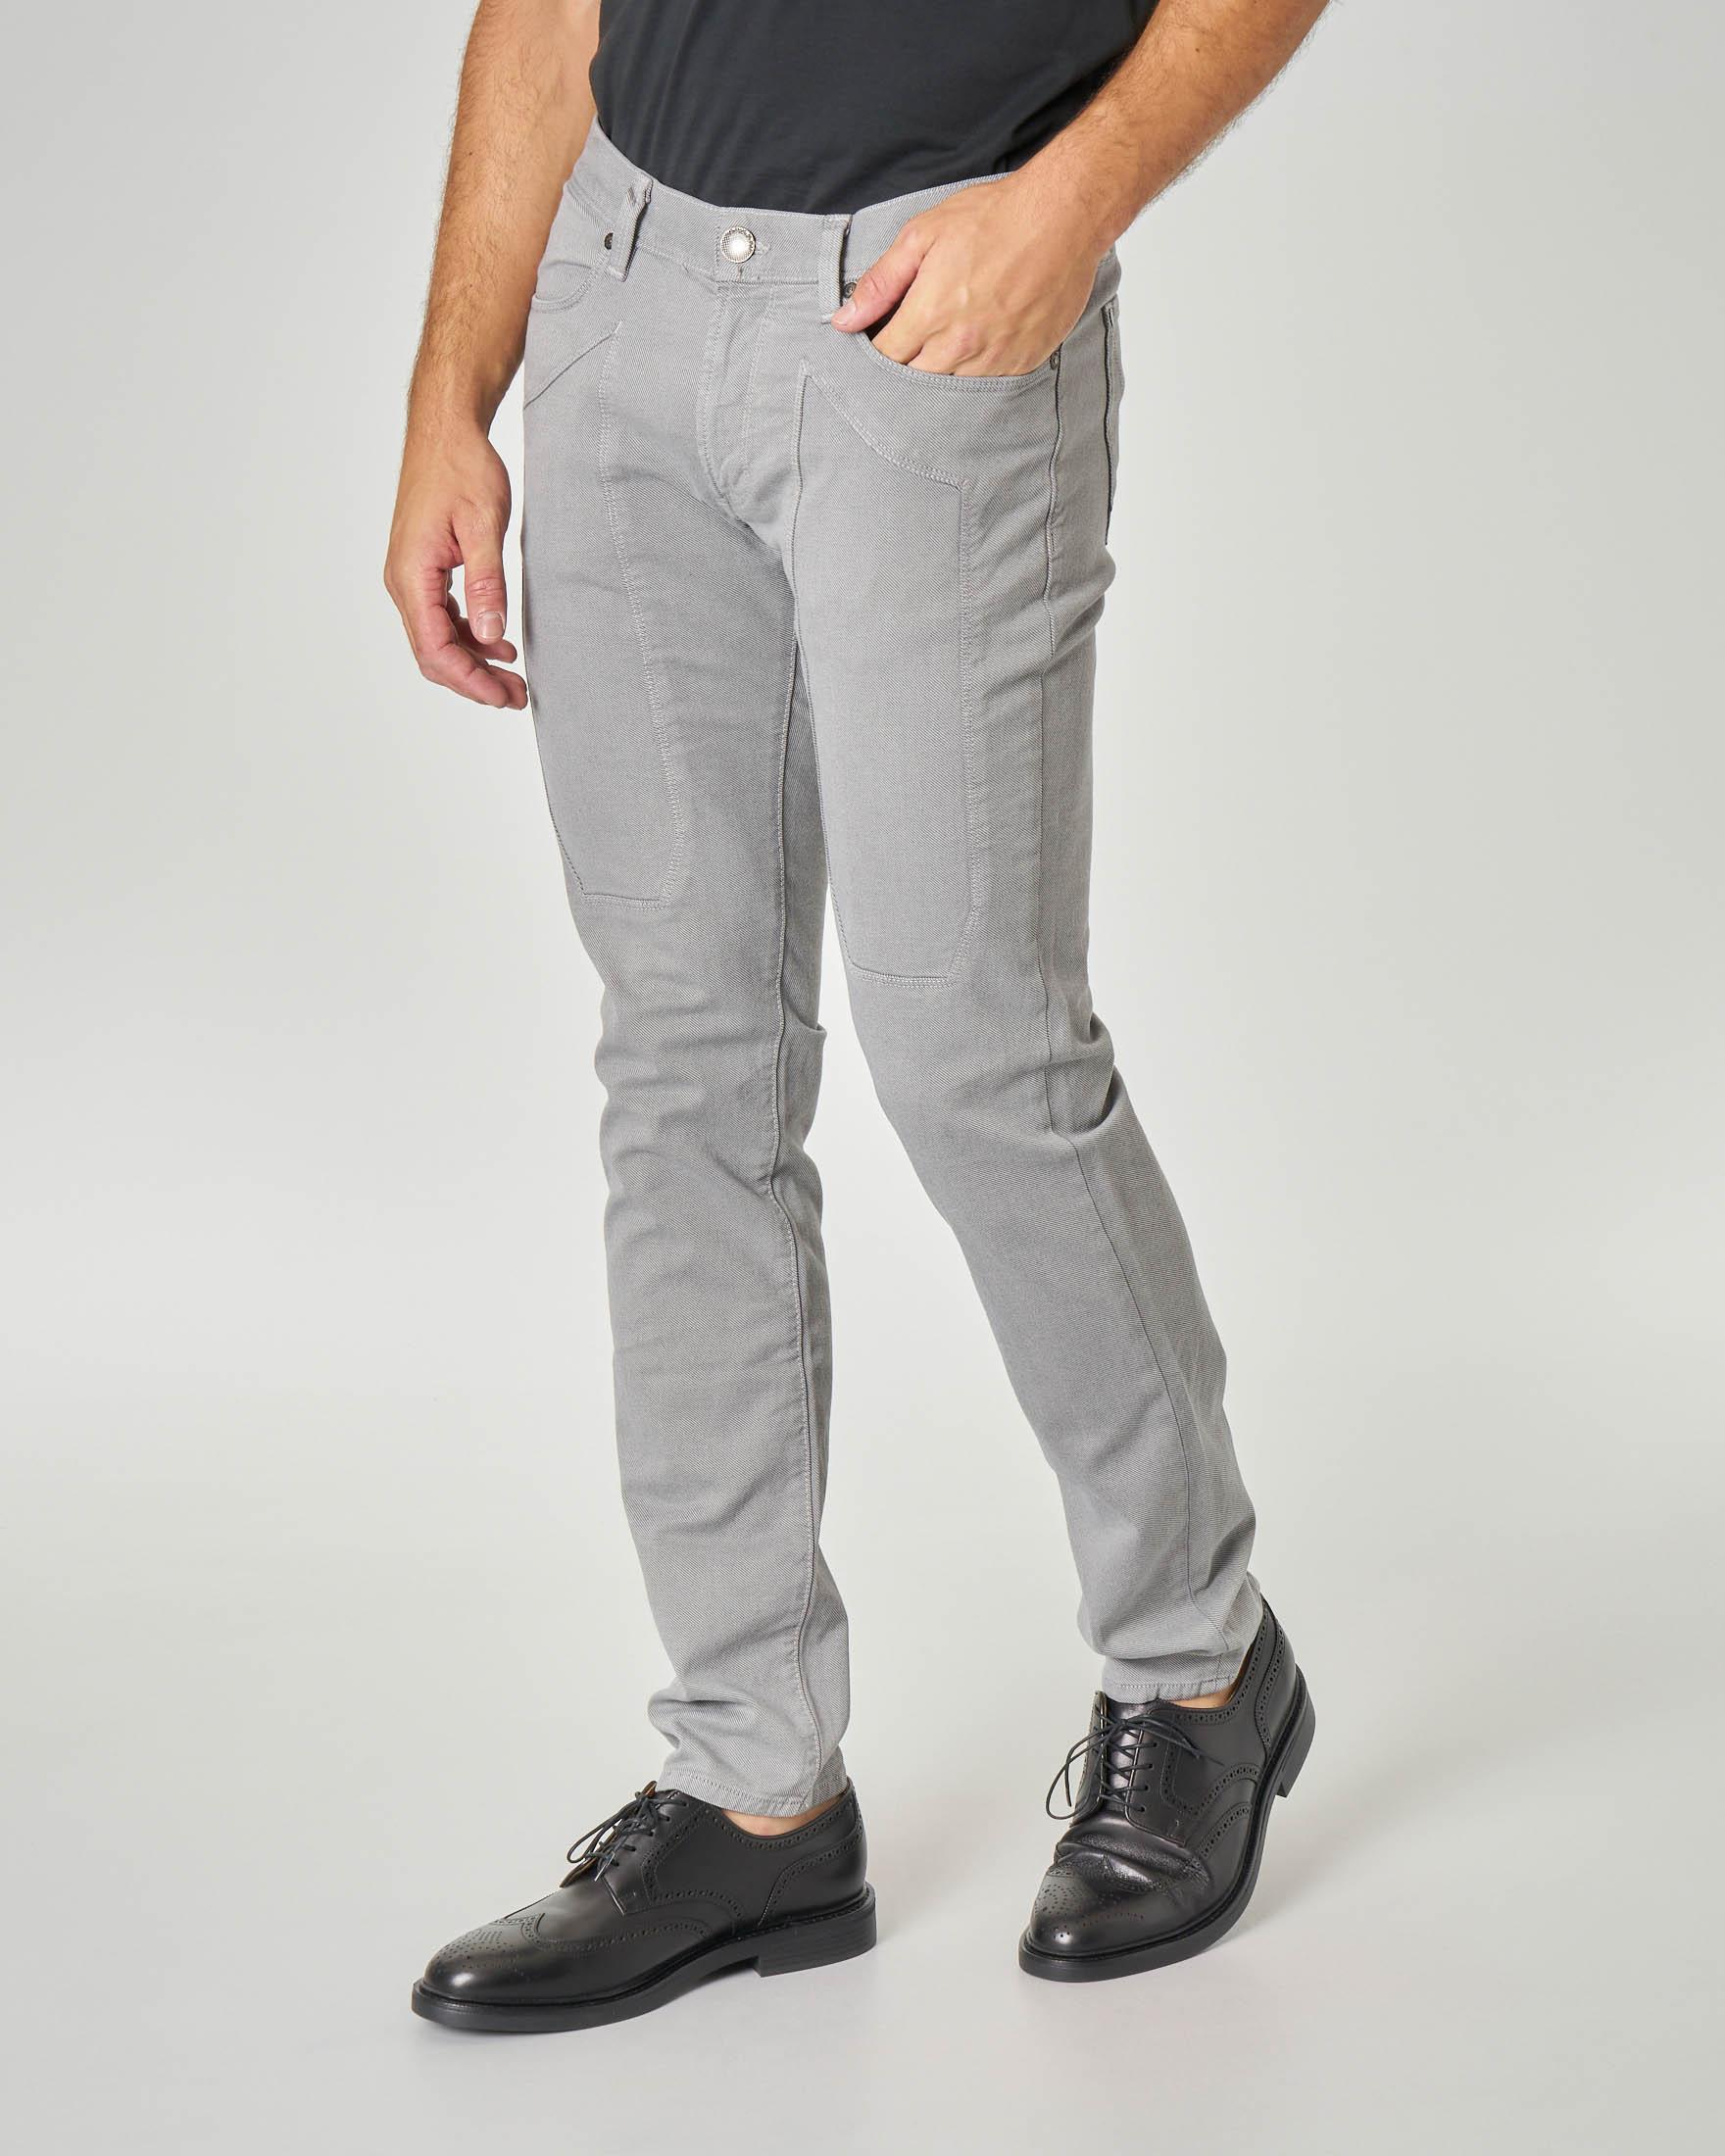 Pantalone cinque tasche grigio in tricotina con toppa